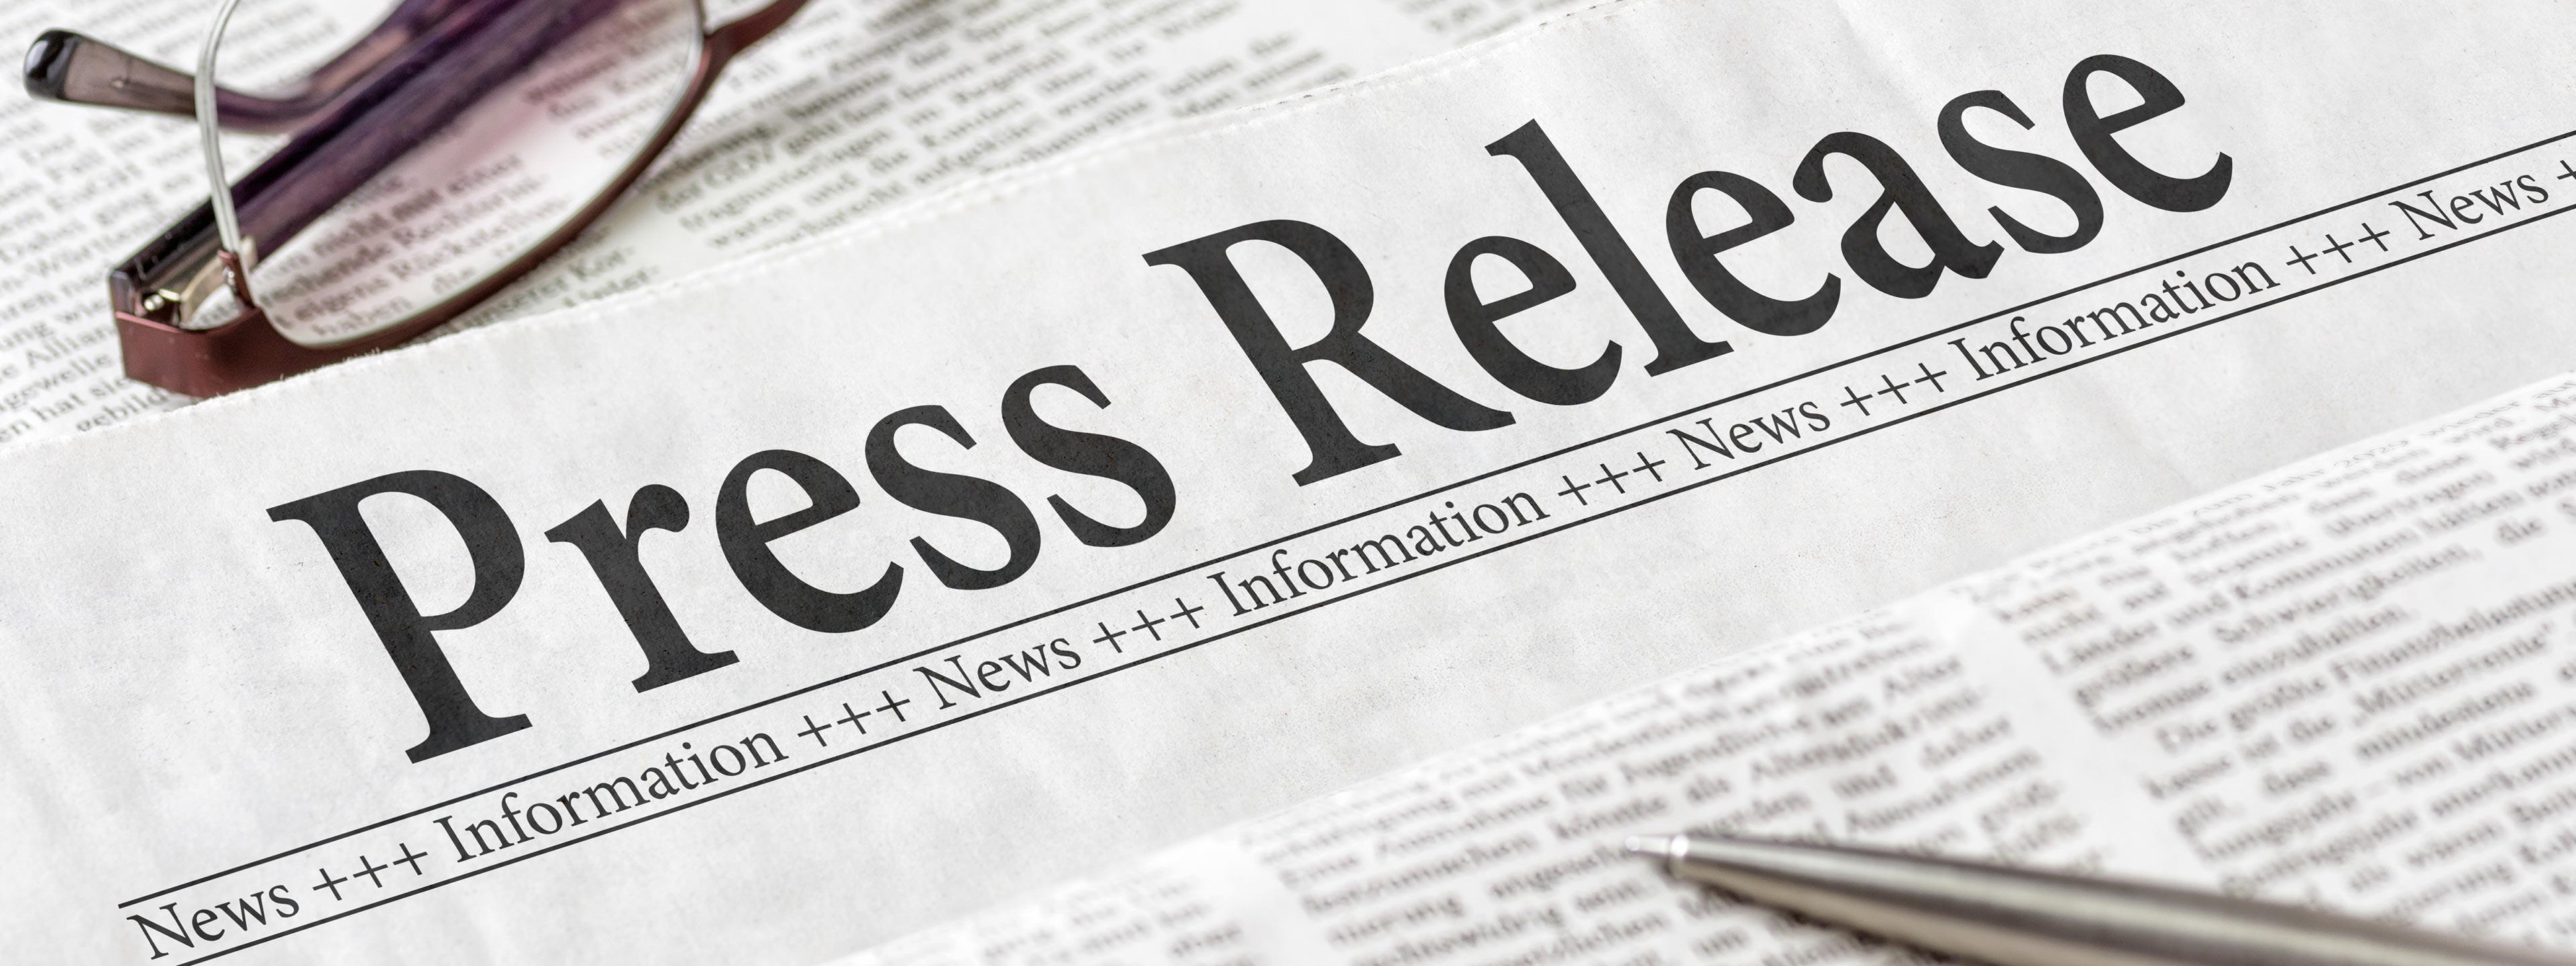 52cdd907ac4b Presse Pressemeldungen Header